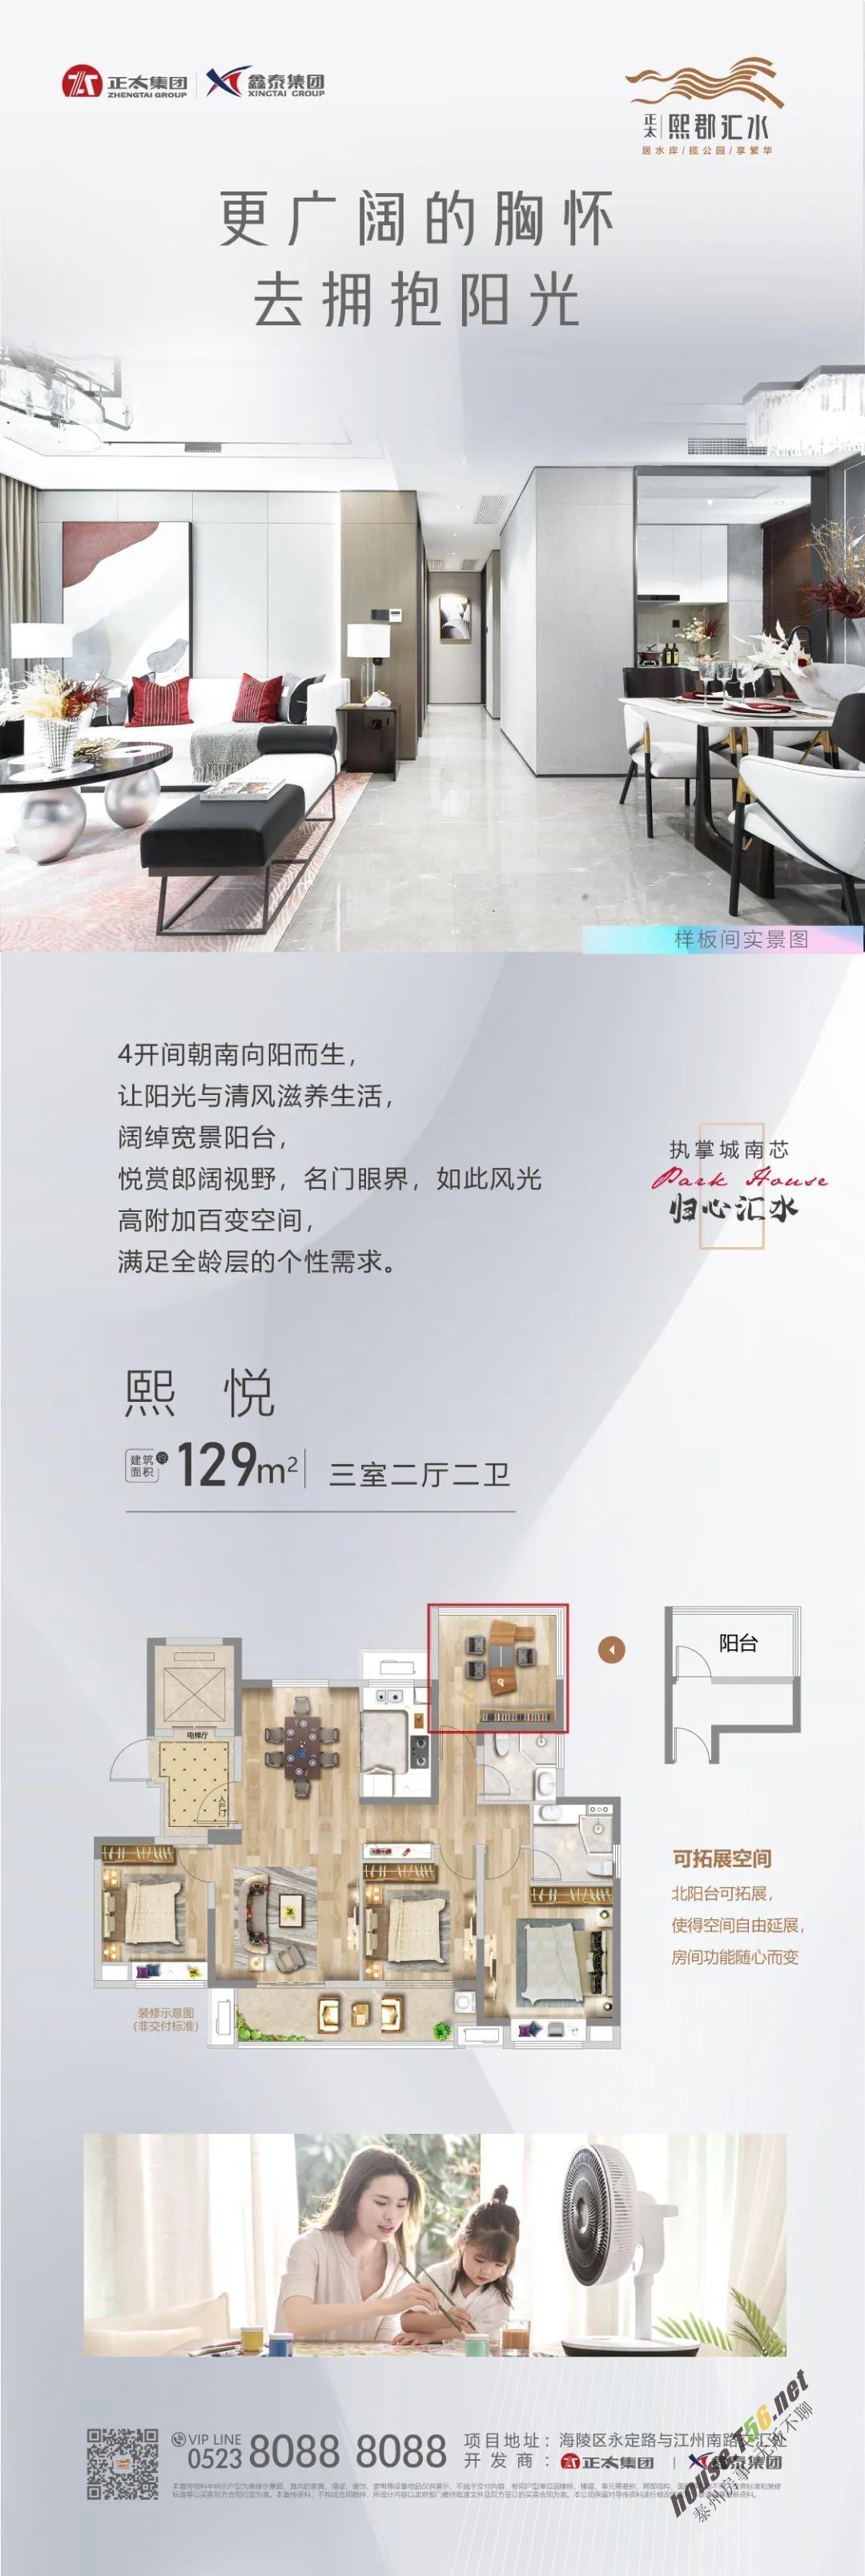 寰?俊鍥剧墖_20201002125554.jpg